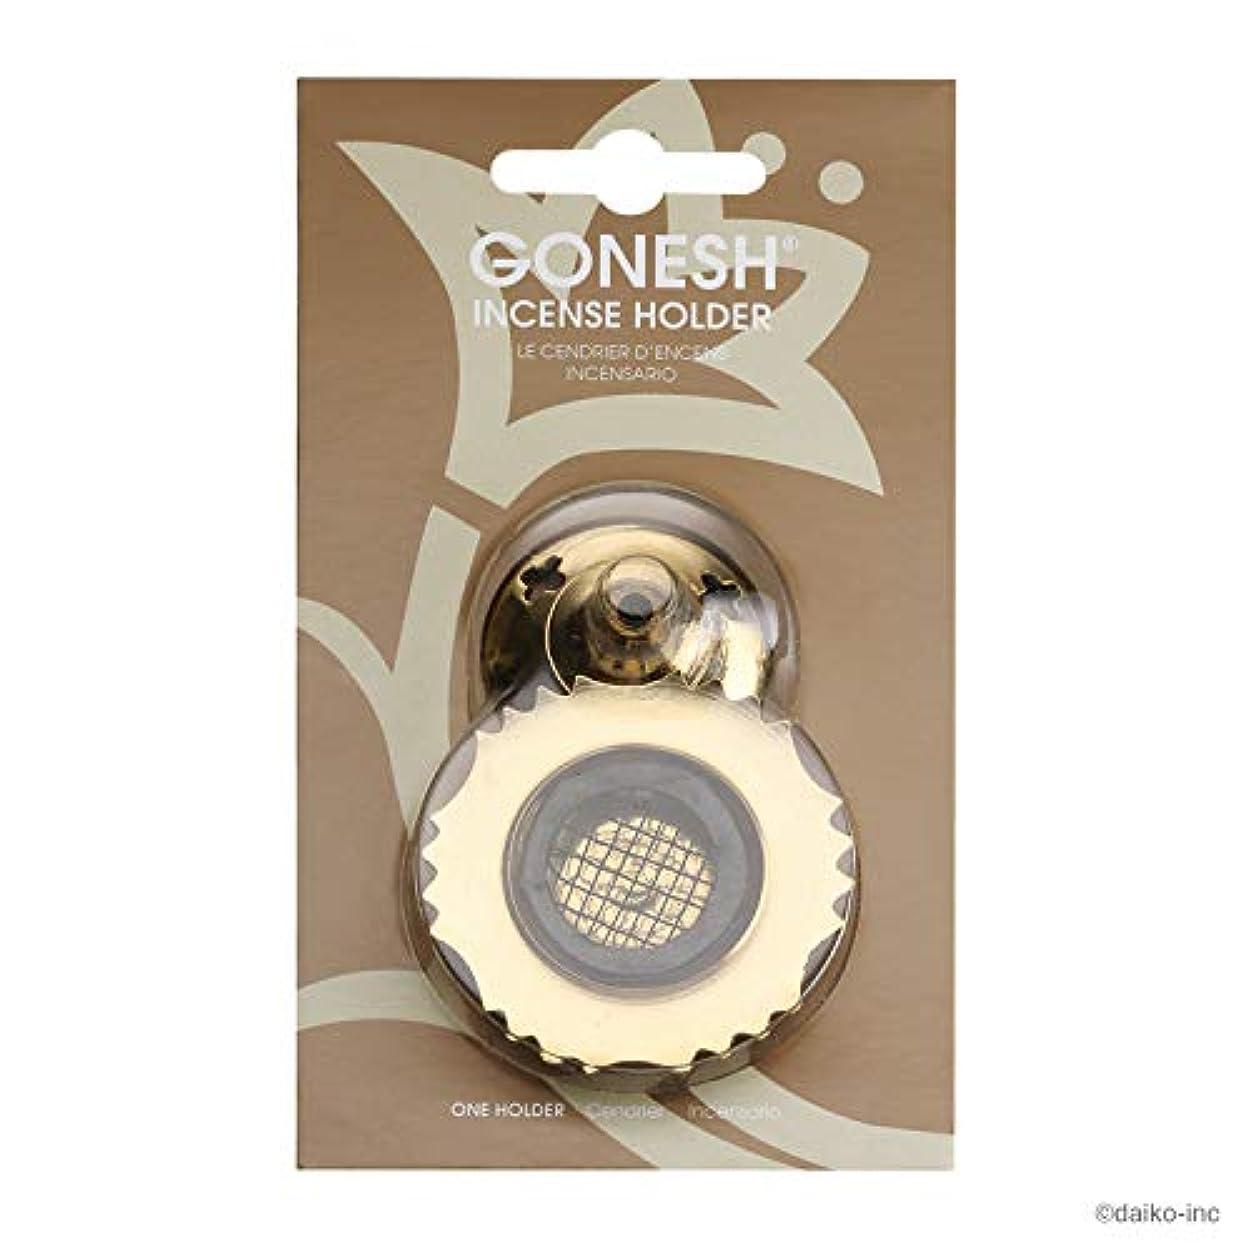 発疹宣教師エンジニアガーネッシュ(GONESH) インセンスホルダー メッシュブラス (お香立て)